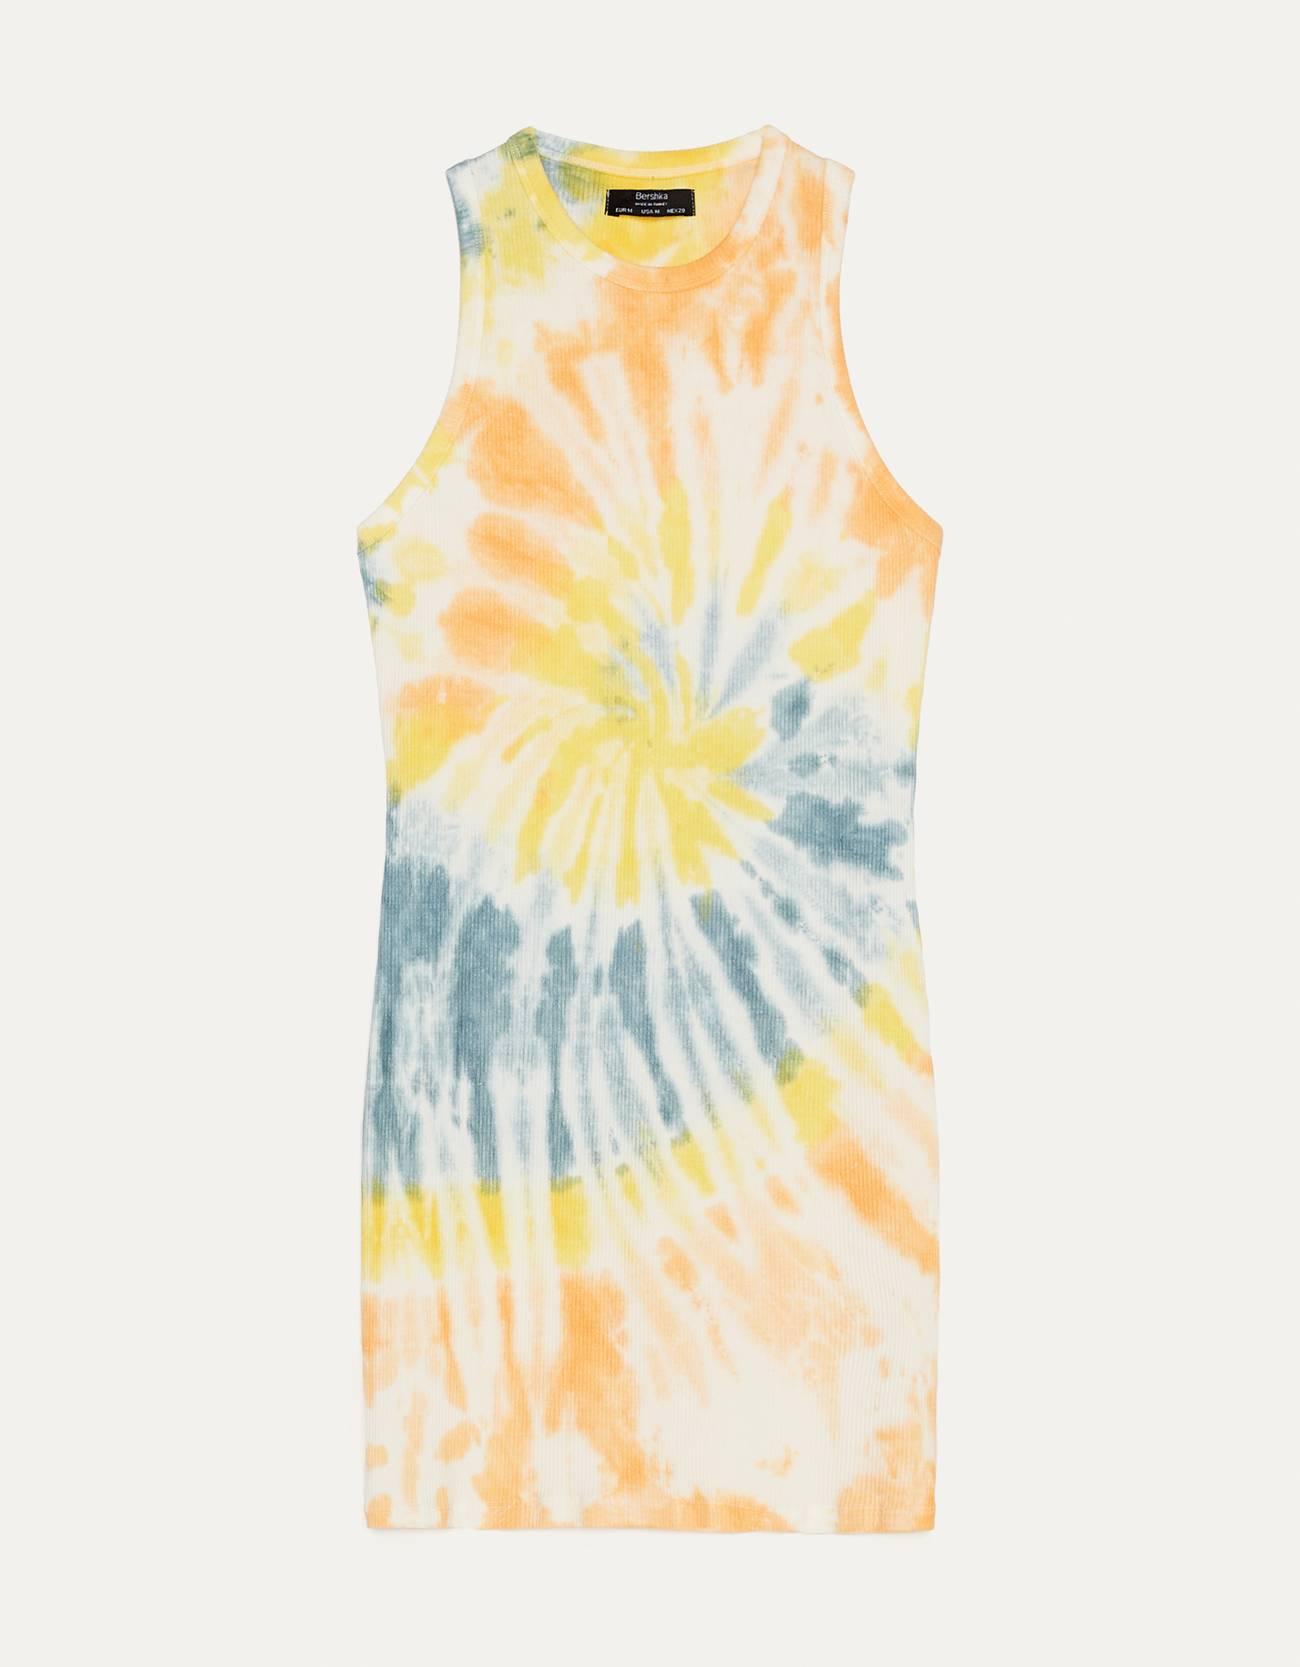 Vestido con estampado tie dye en naranja, amarillo y azul